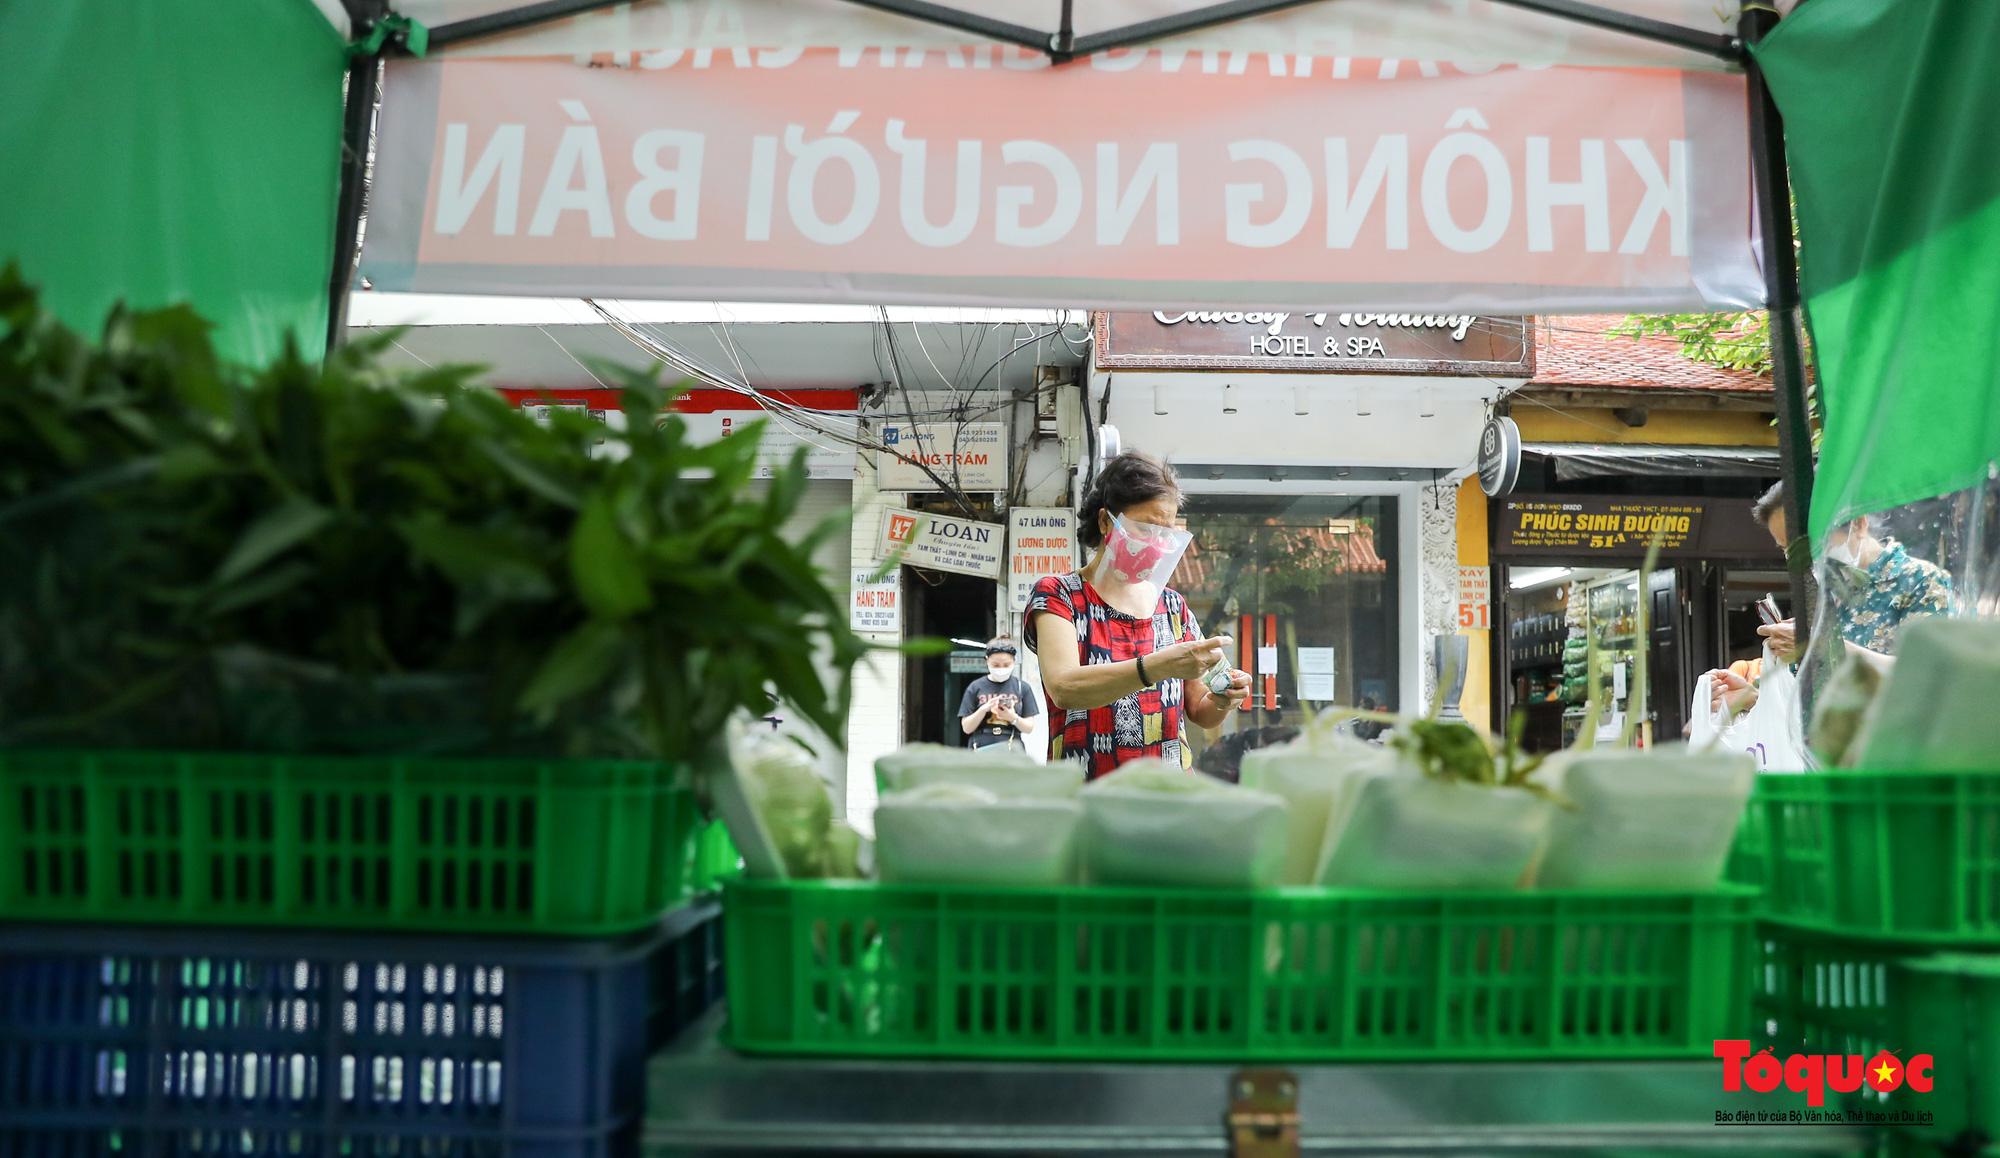 Hà Nội: Cửa hàng thiết yếu không người bán, người mua cũng không cần phải trả tiền ngay - Ảnh 10.